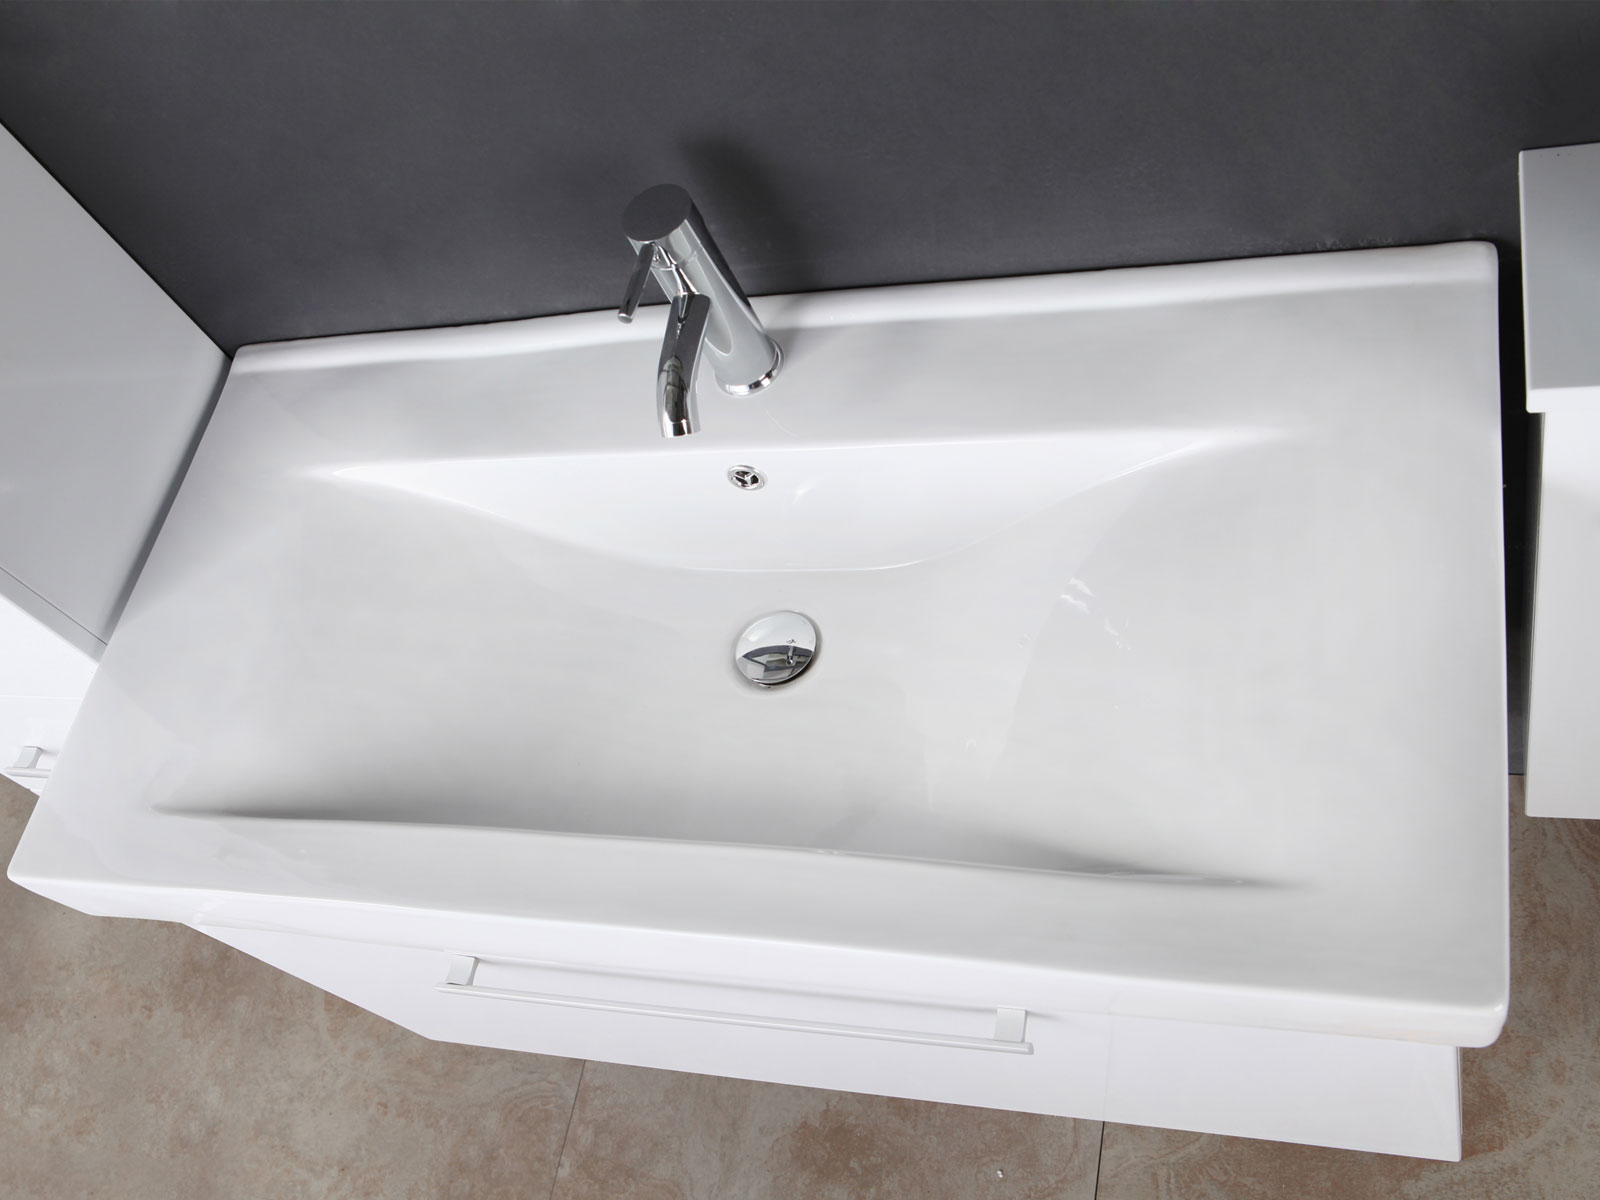 Mobile bagno arredo bagno 100 cm lavabo e colonne incluse for Mobile bagno 100 cm